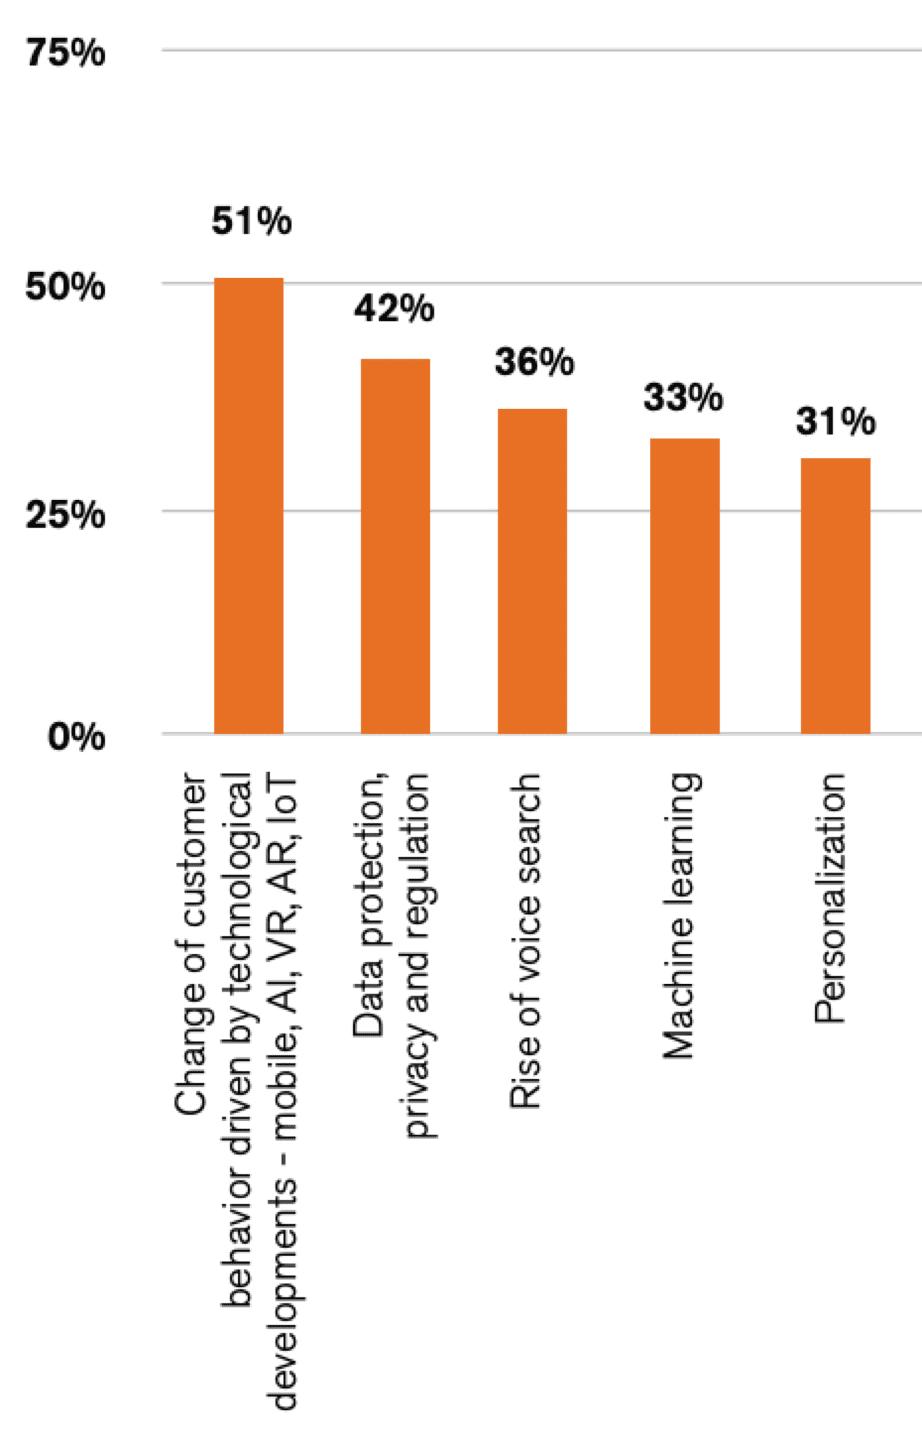 Le prime 5 tendenze di marketing nei prossimi 12-18 mesi